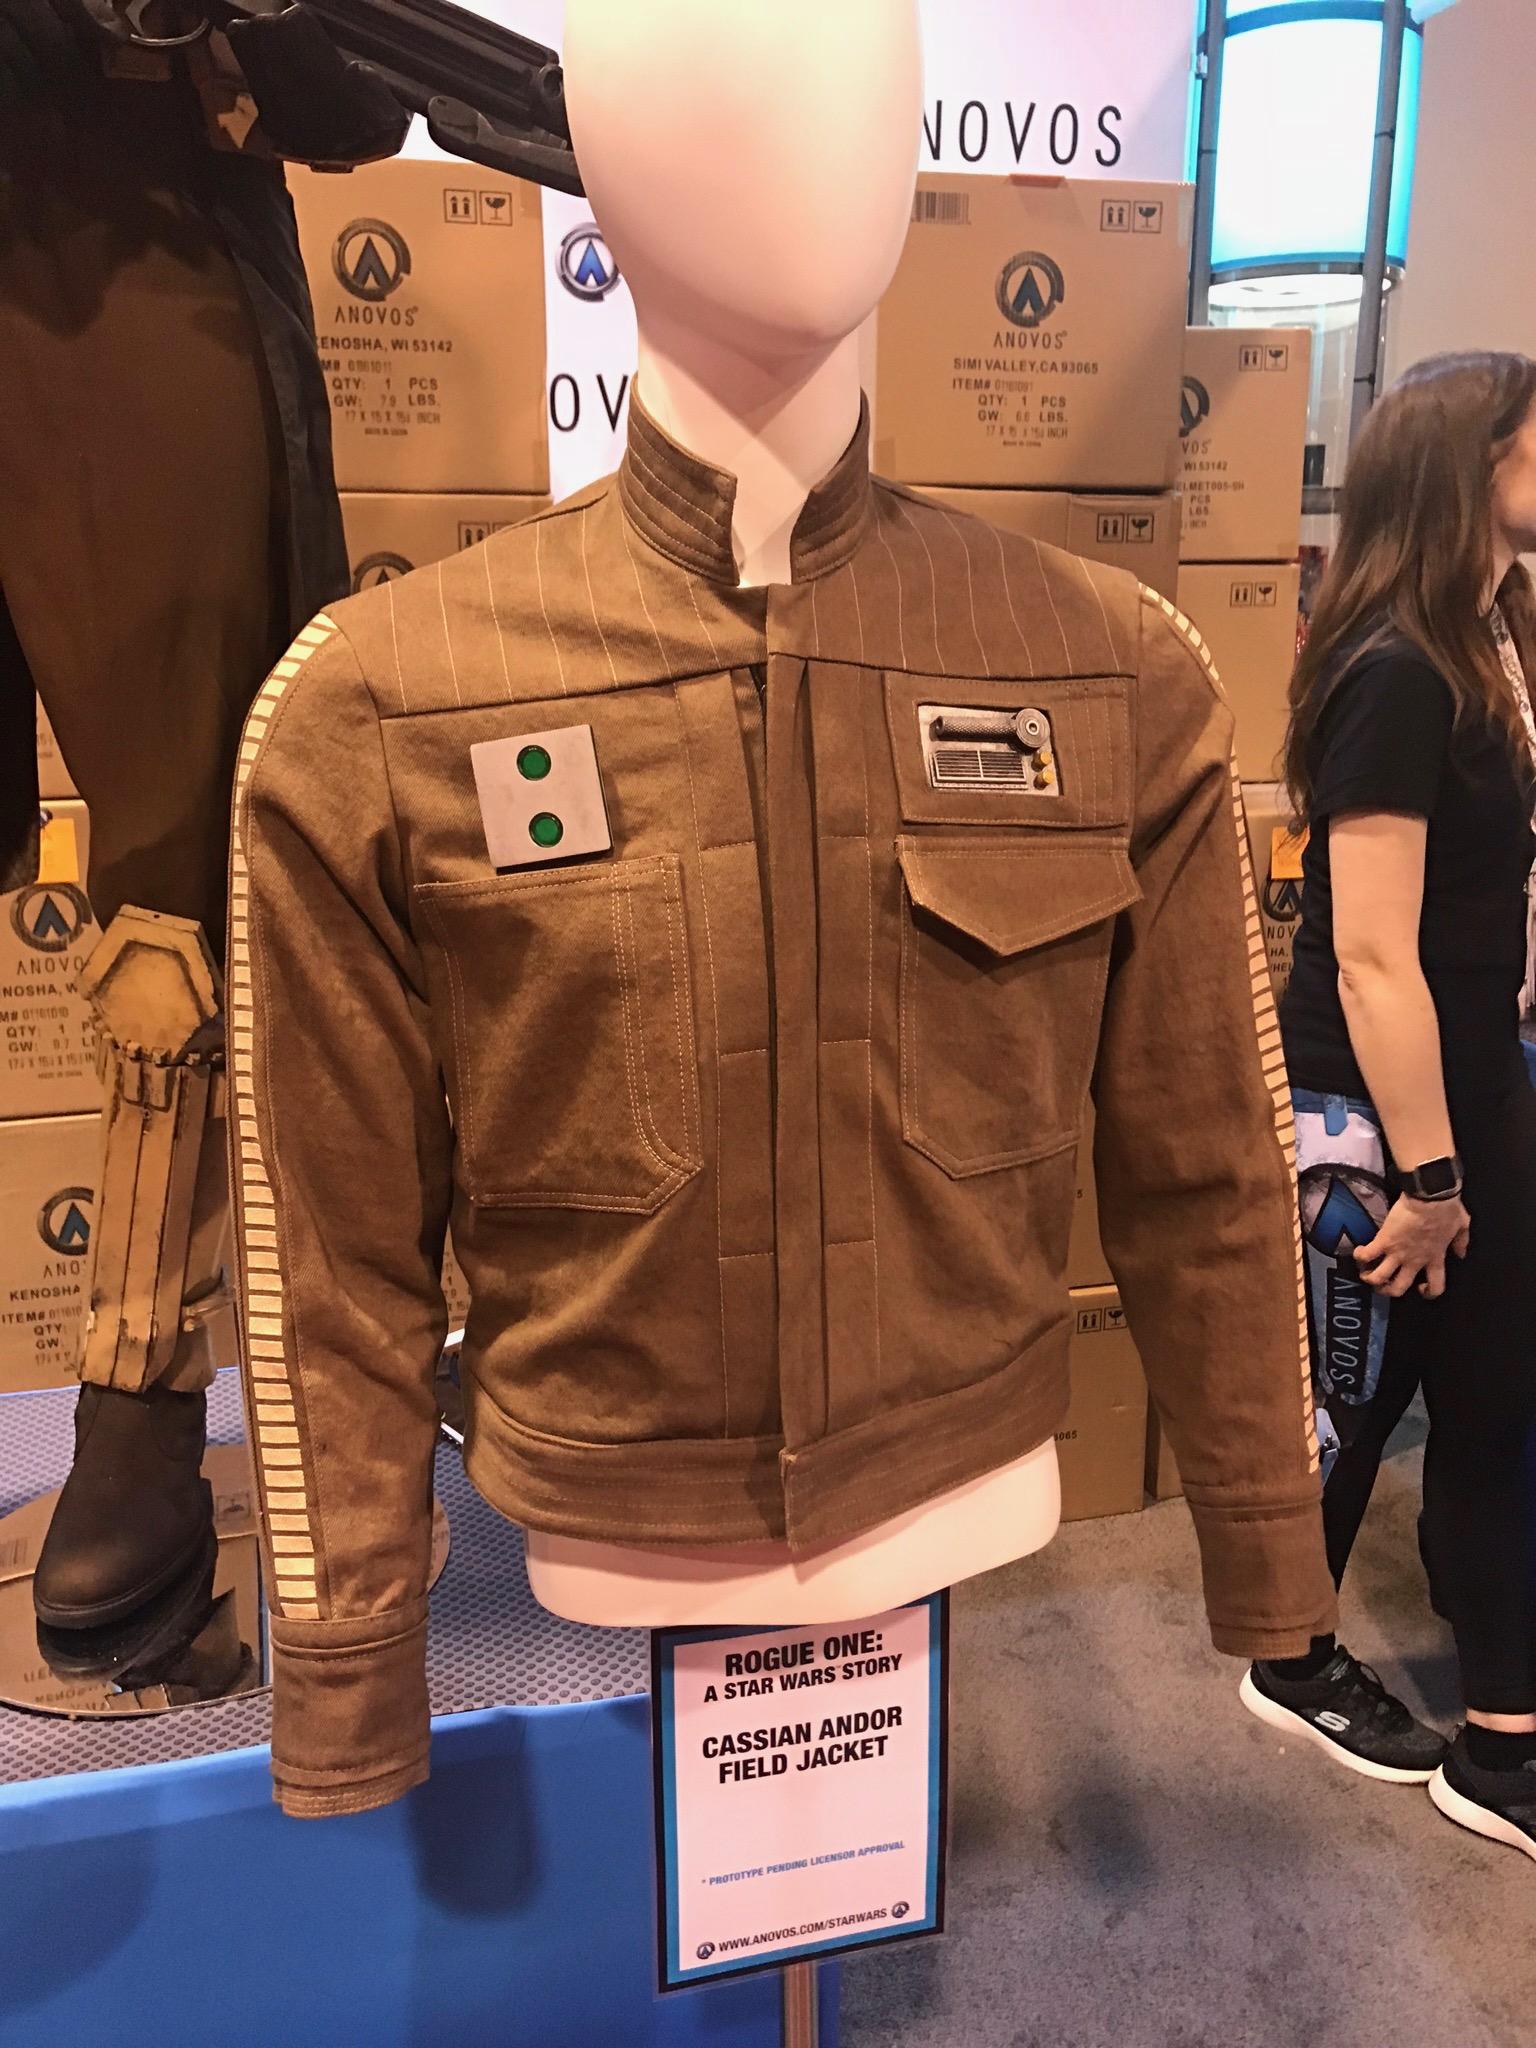 Cassian's Jacket